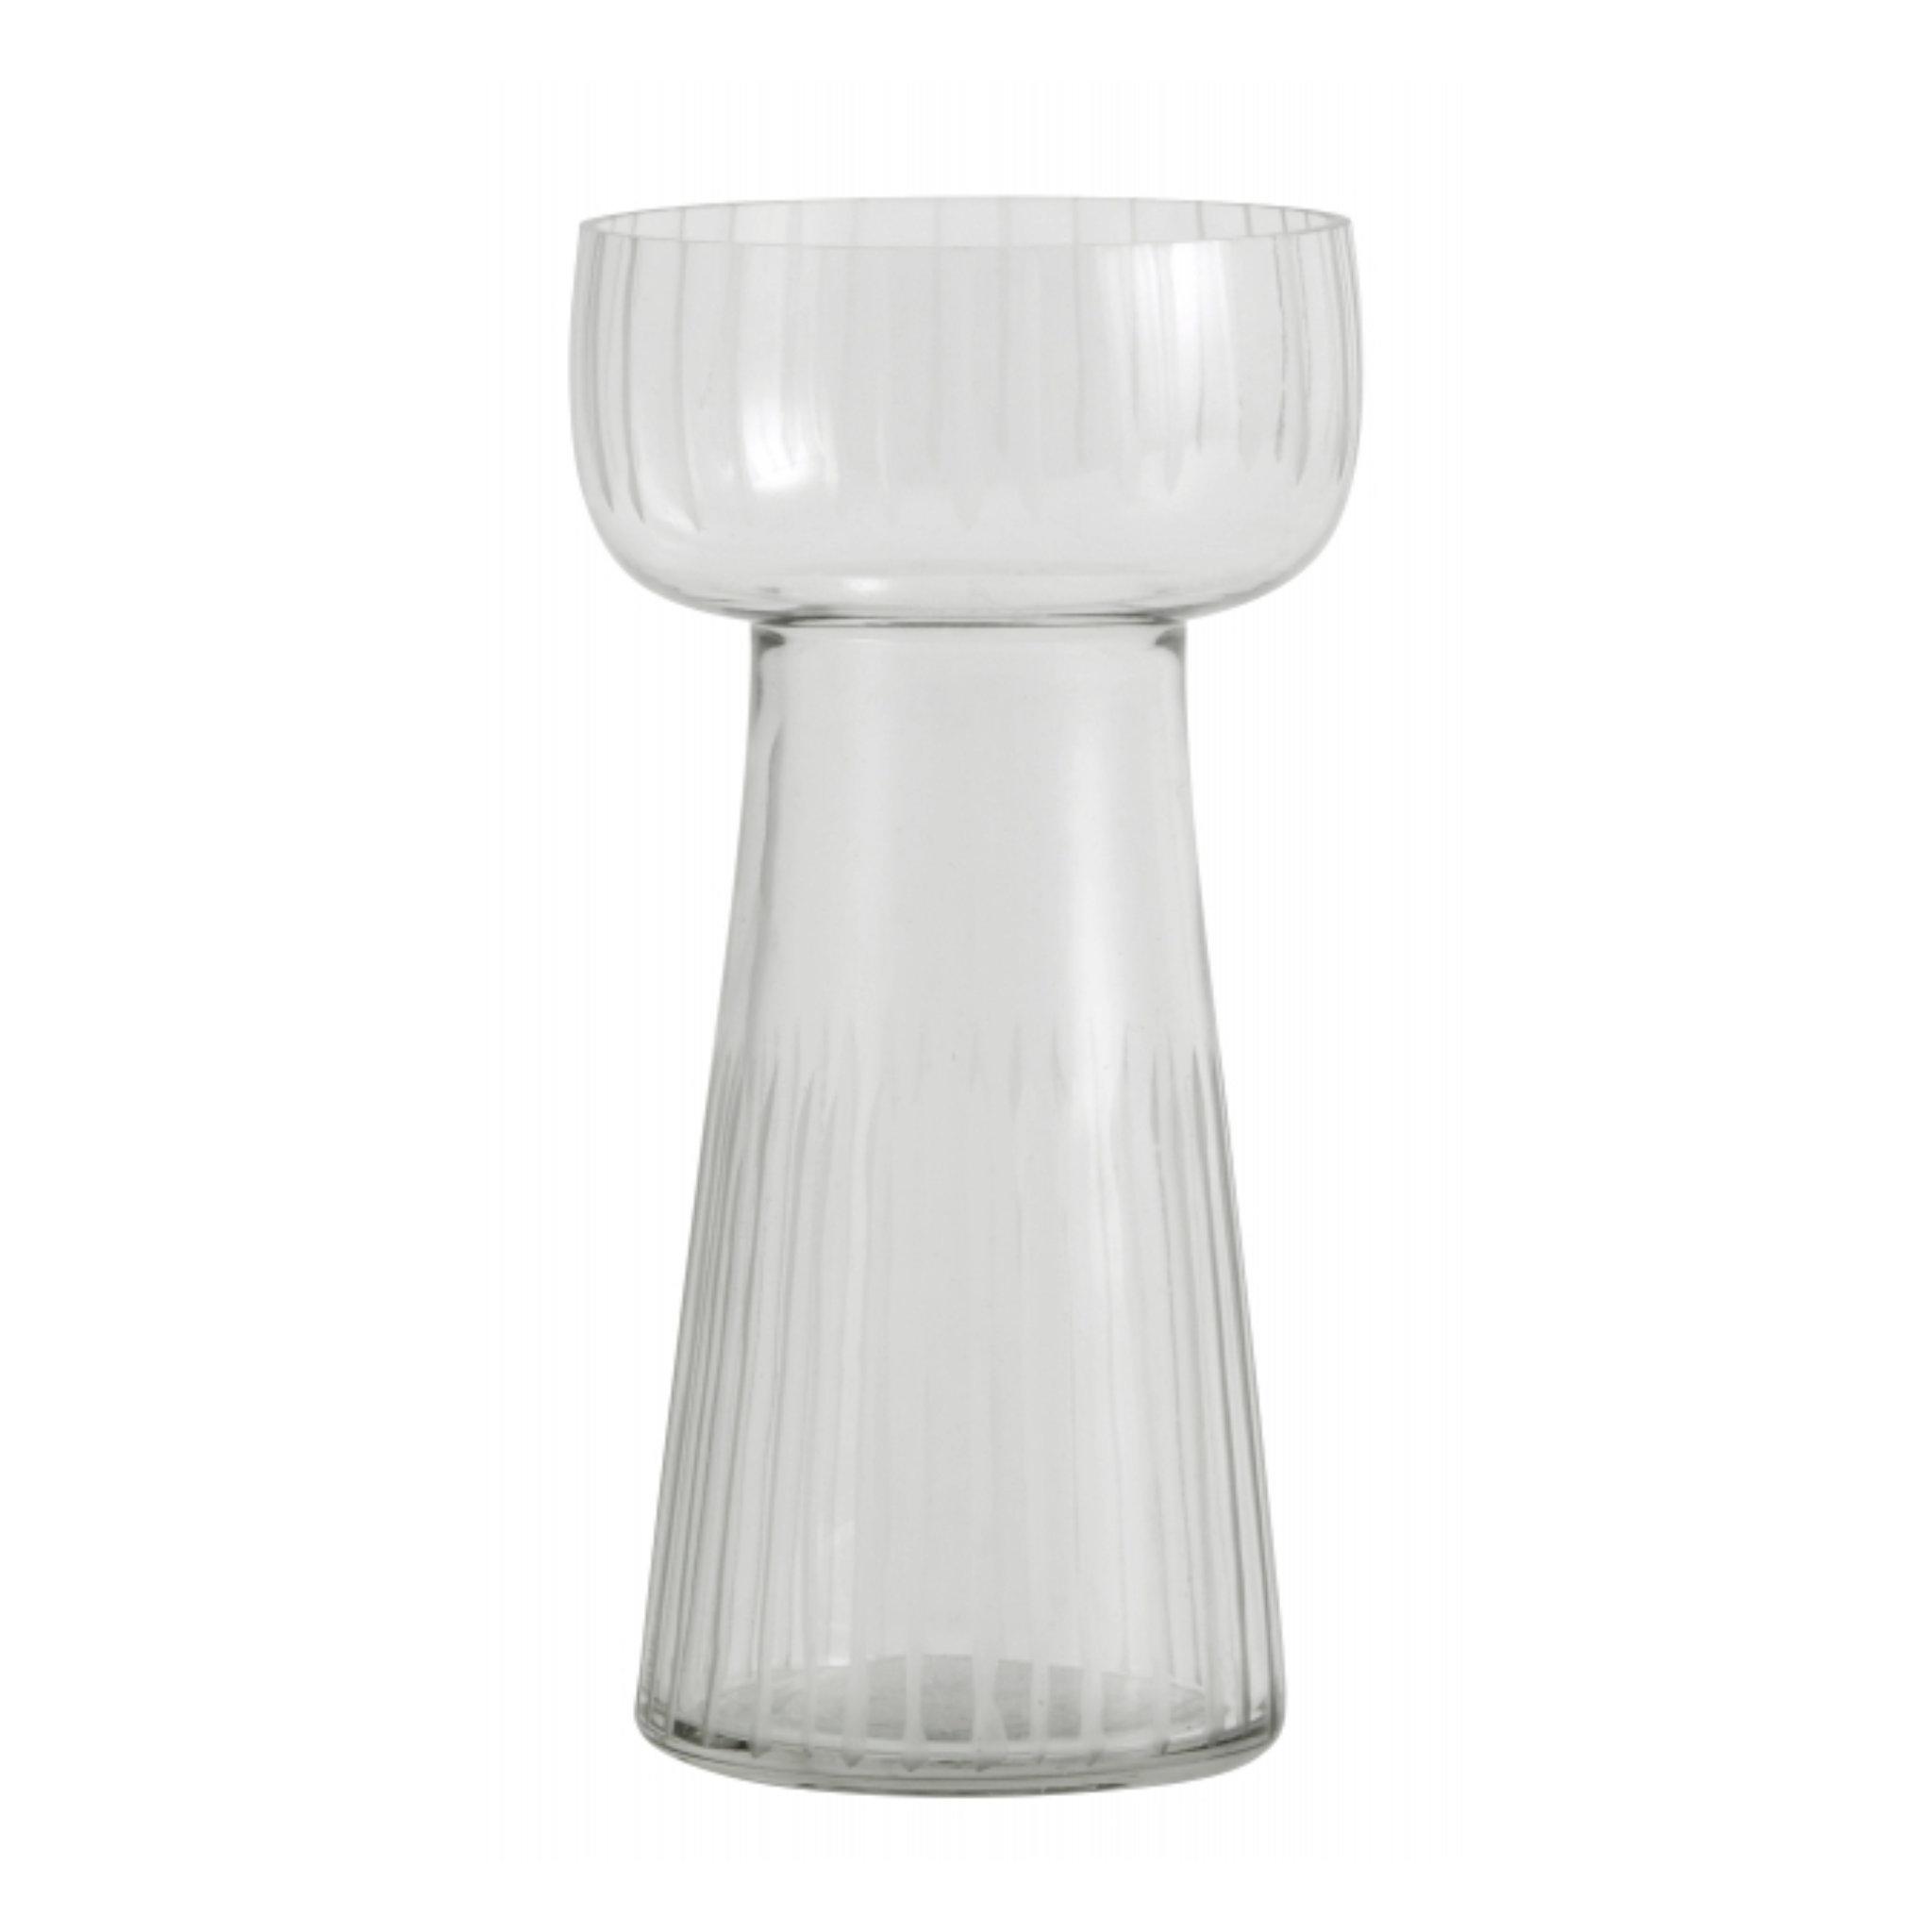 Nordal Hyacinth Vase